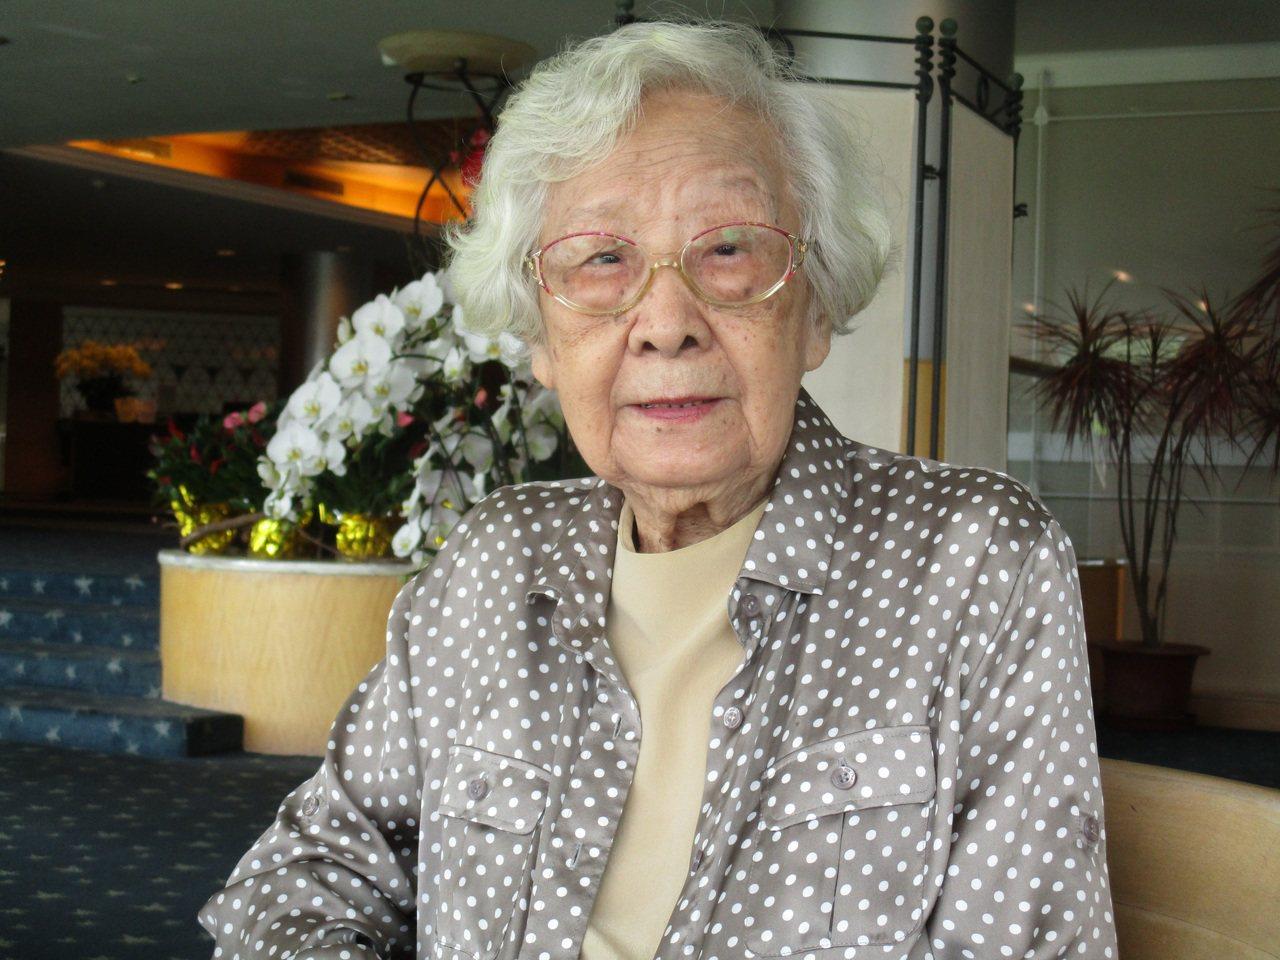 齊邦媛出版5年養生村日記,娓娓道出她這一代的「新養老觀」,記者陳宛茜/攝影